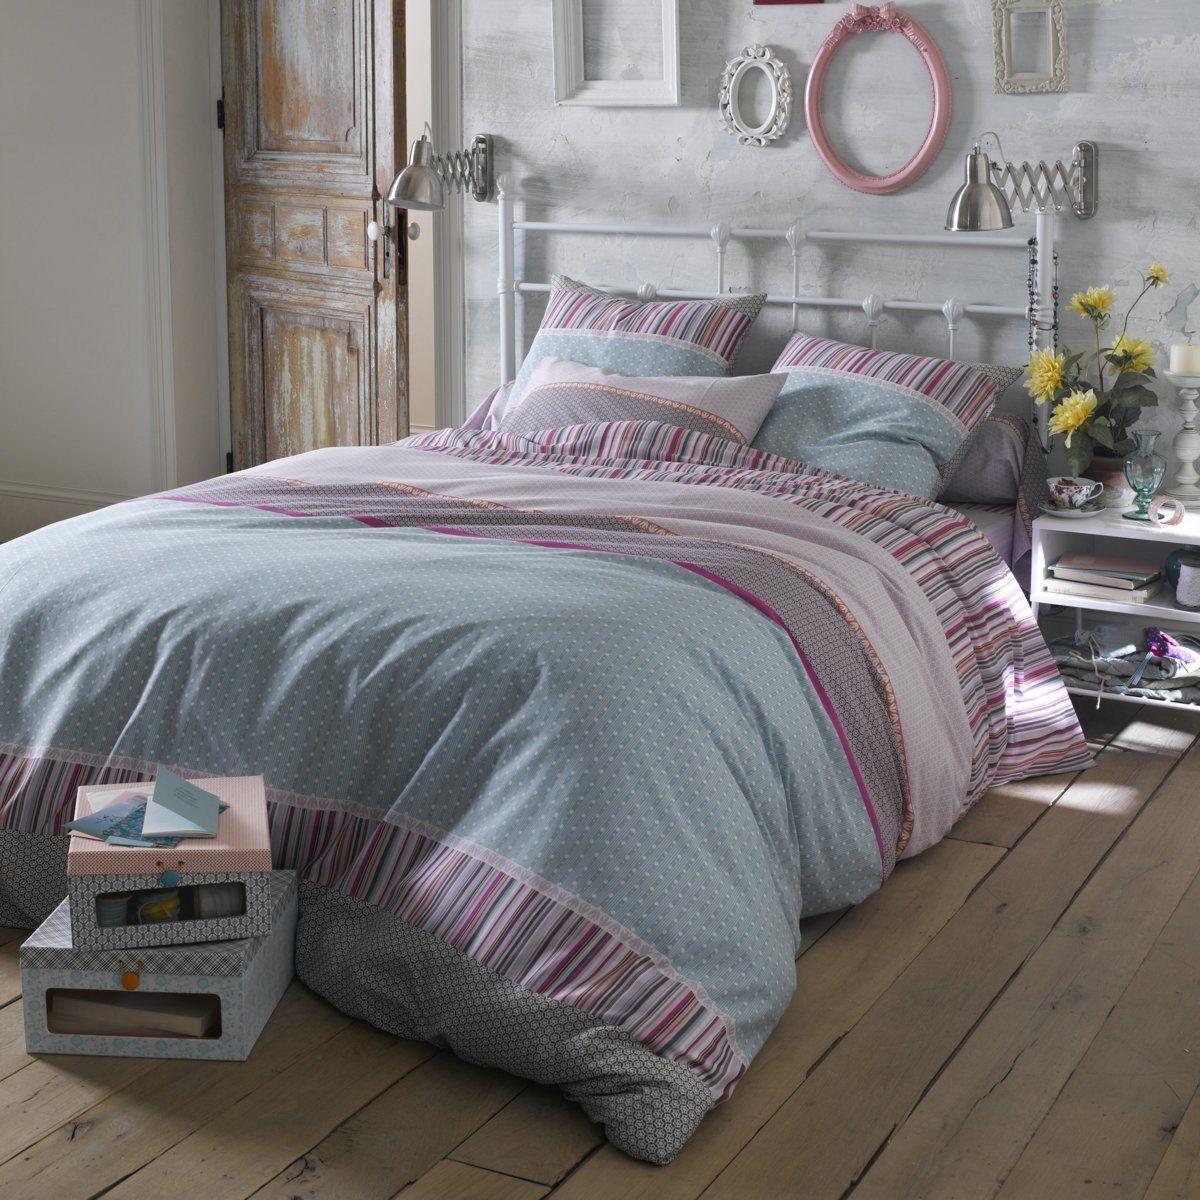 housse de couette metismix autre la redoute interior. Black Bedroom Furniture Sets. Home Design Ideas